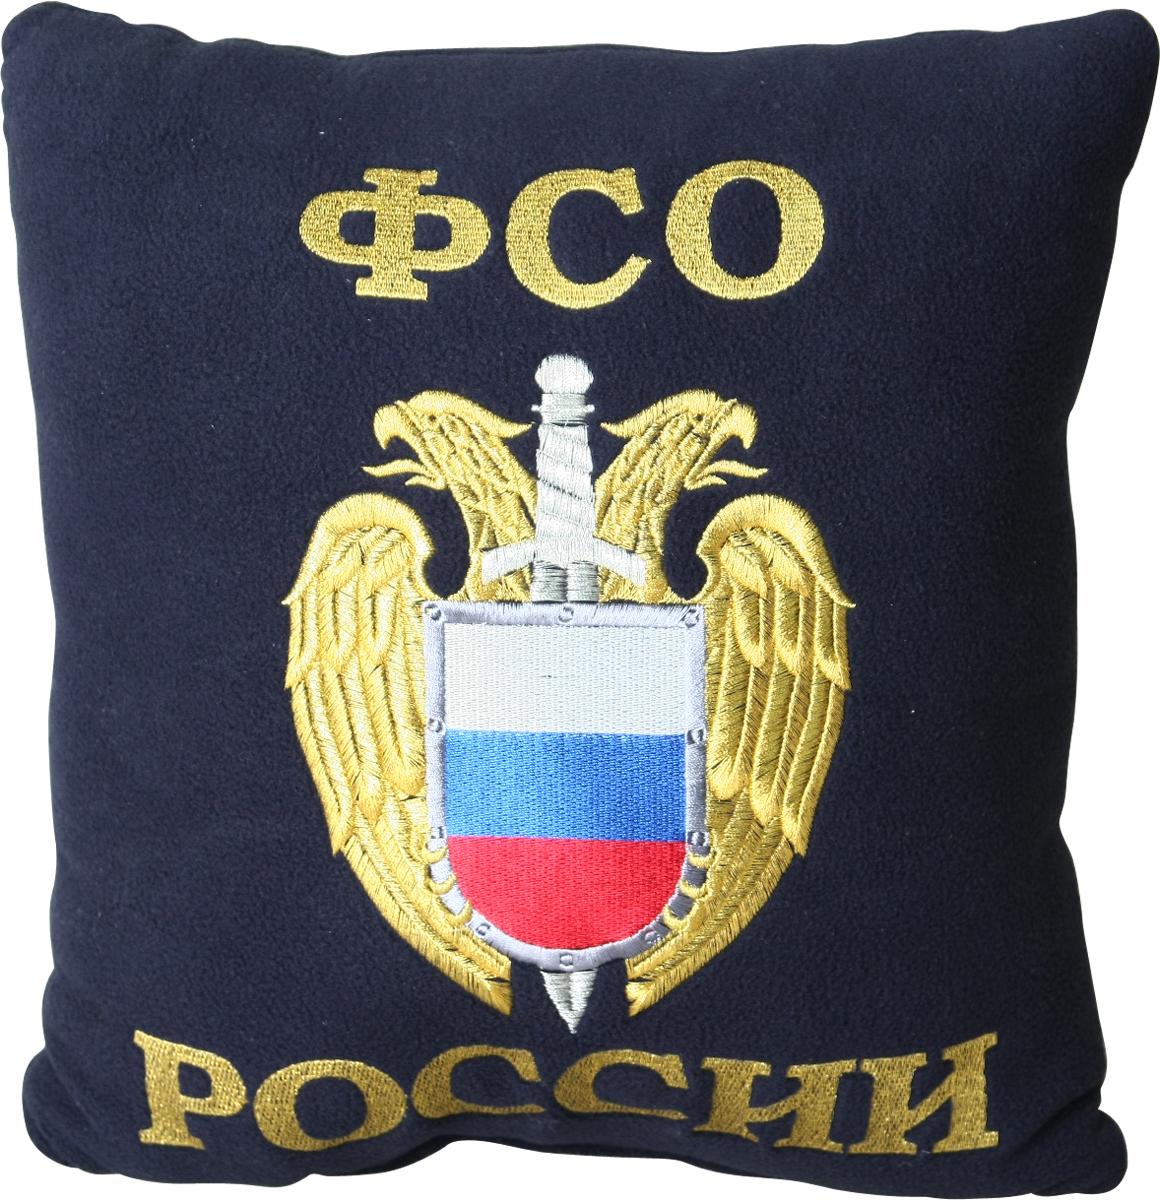 Подушка для туризма Сплав  ФСО , цвет: синий. 6072253 - Подушки